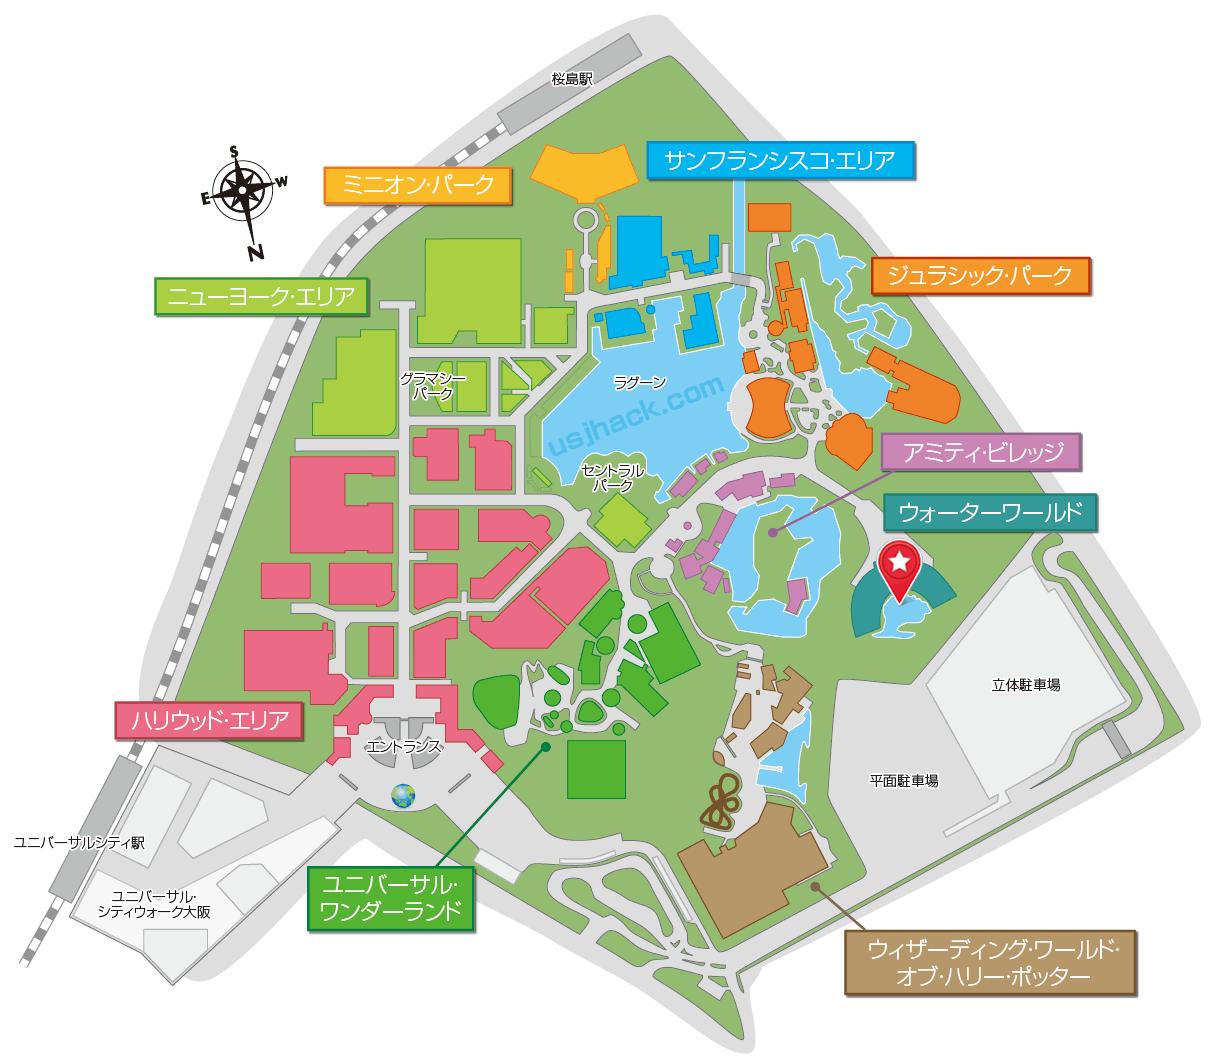 マップで確認する「ワンピース・プレミアショー」の場所